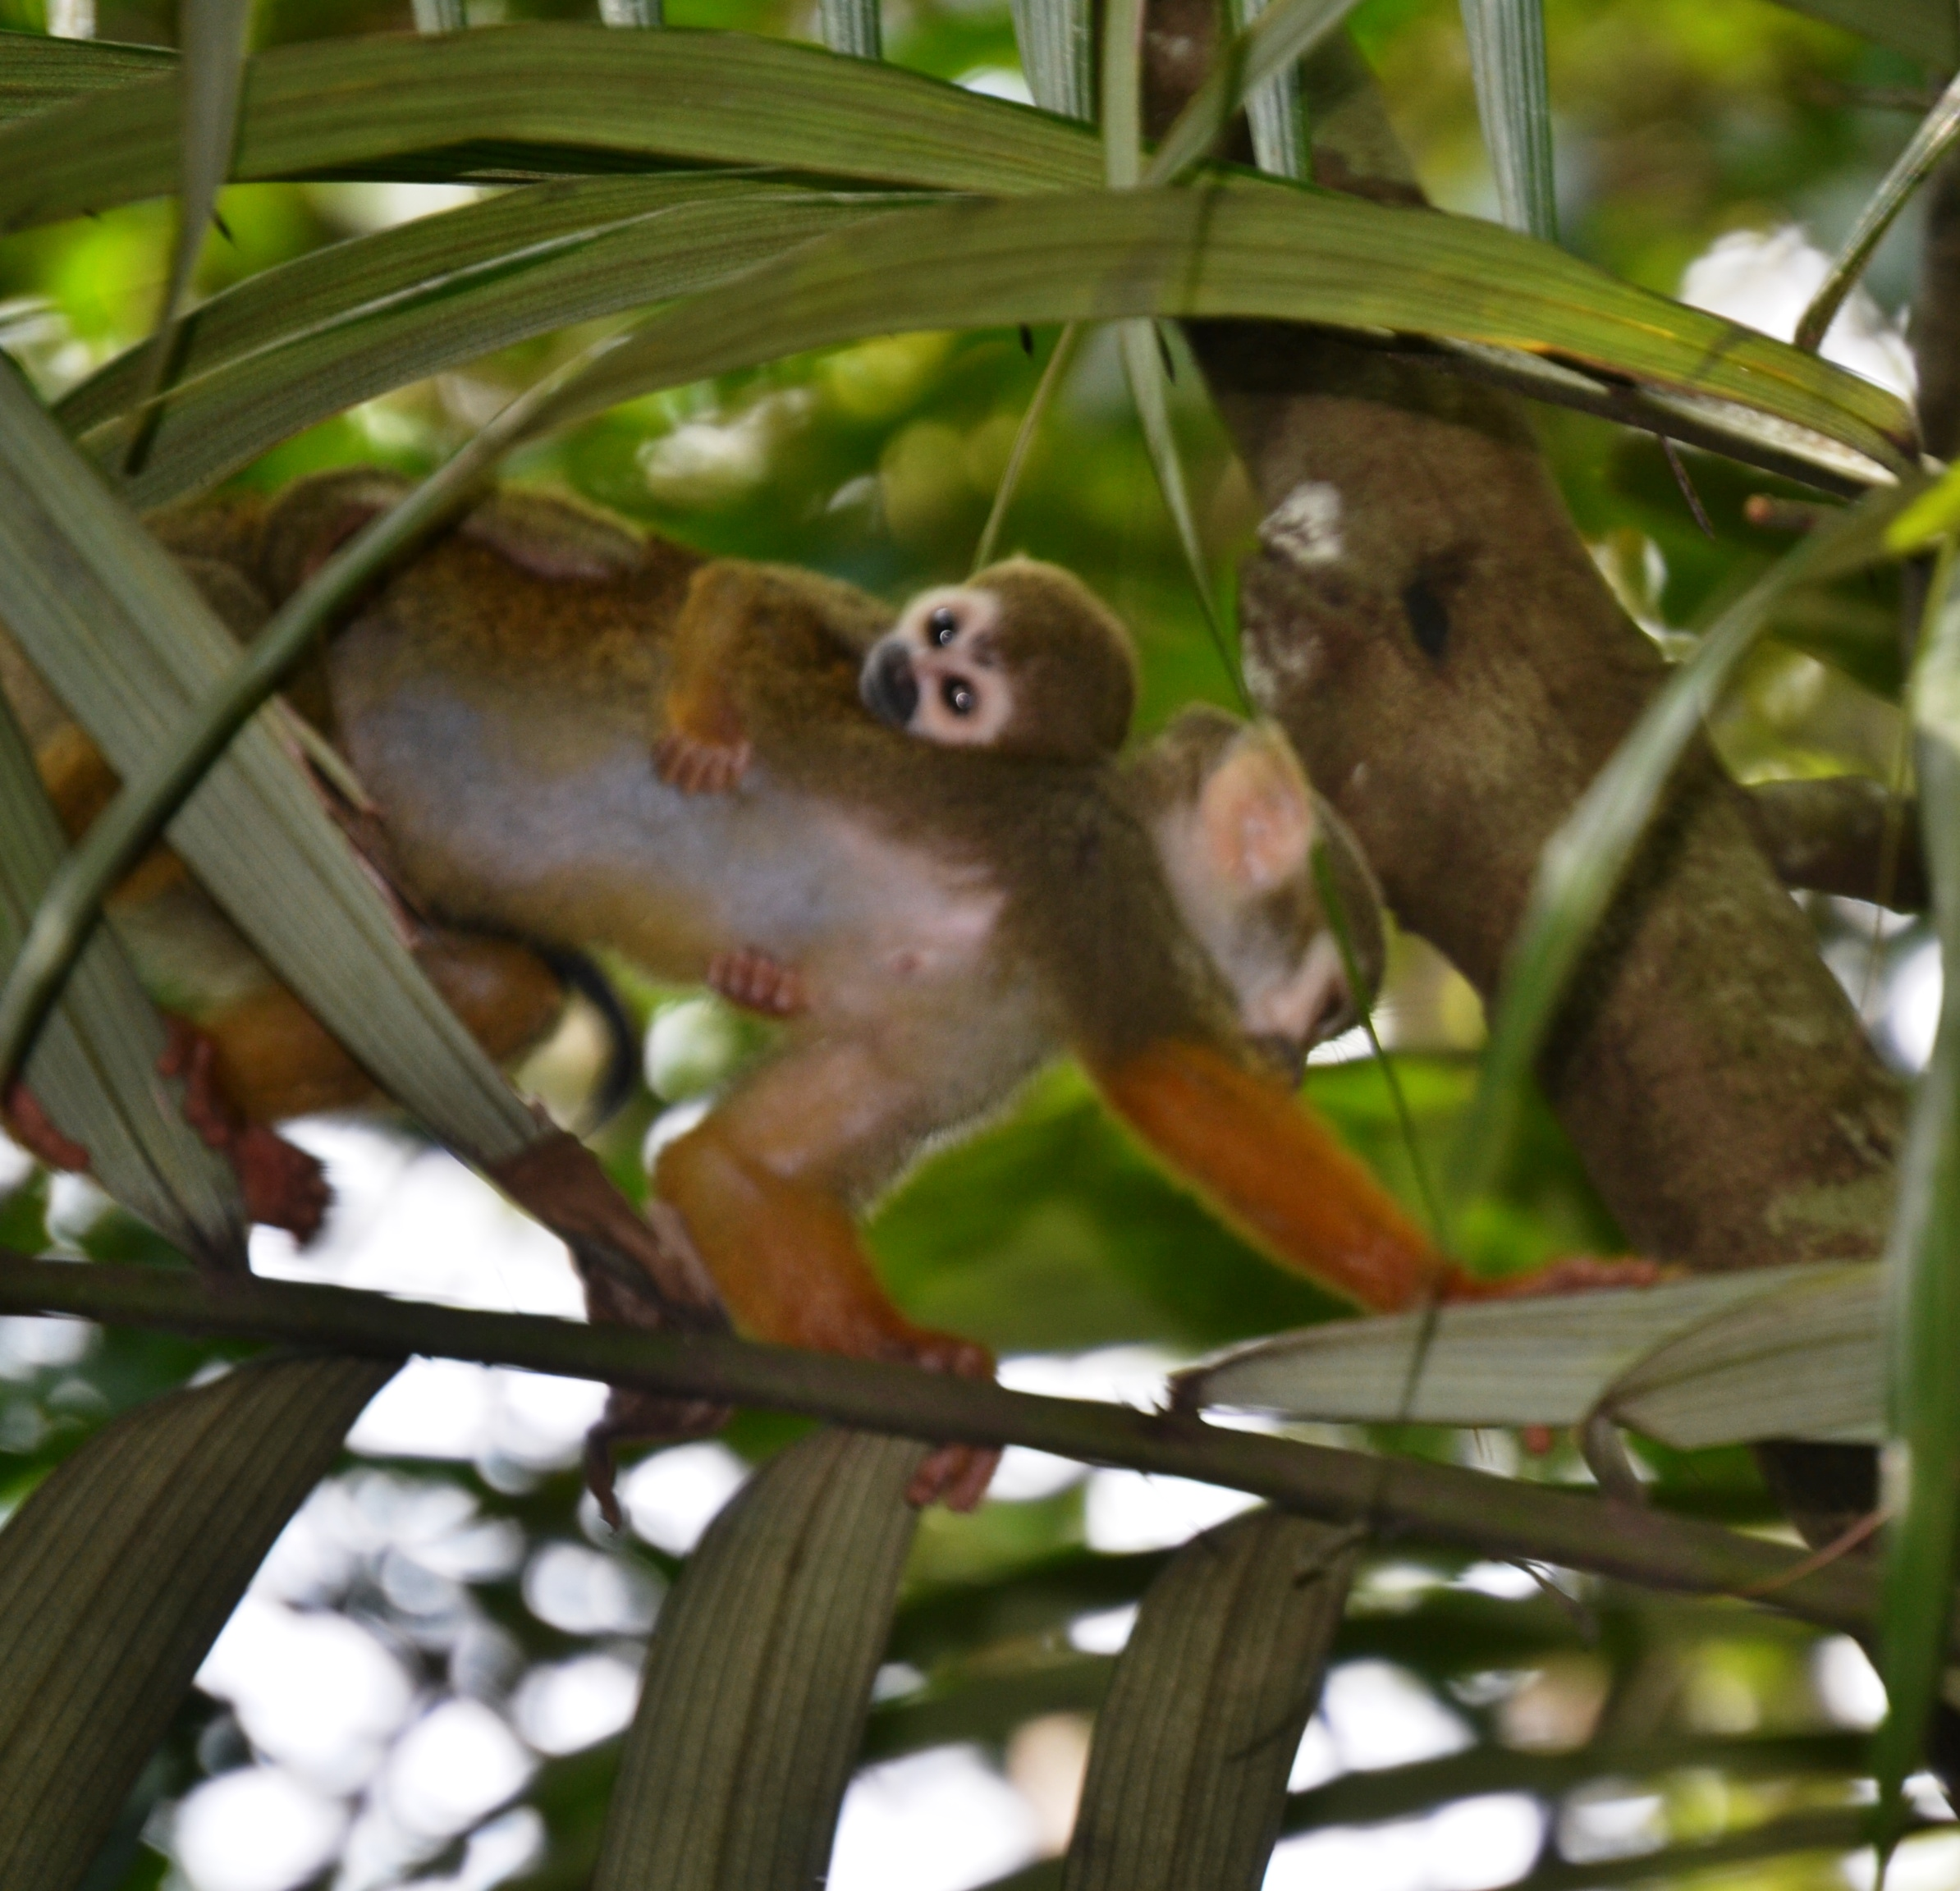 High Resolution Wallpaper | Squirrel Monkey 2388x2304 px